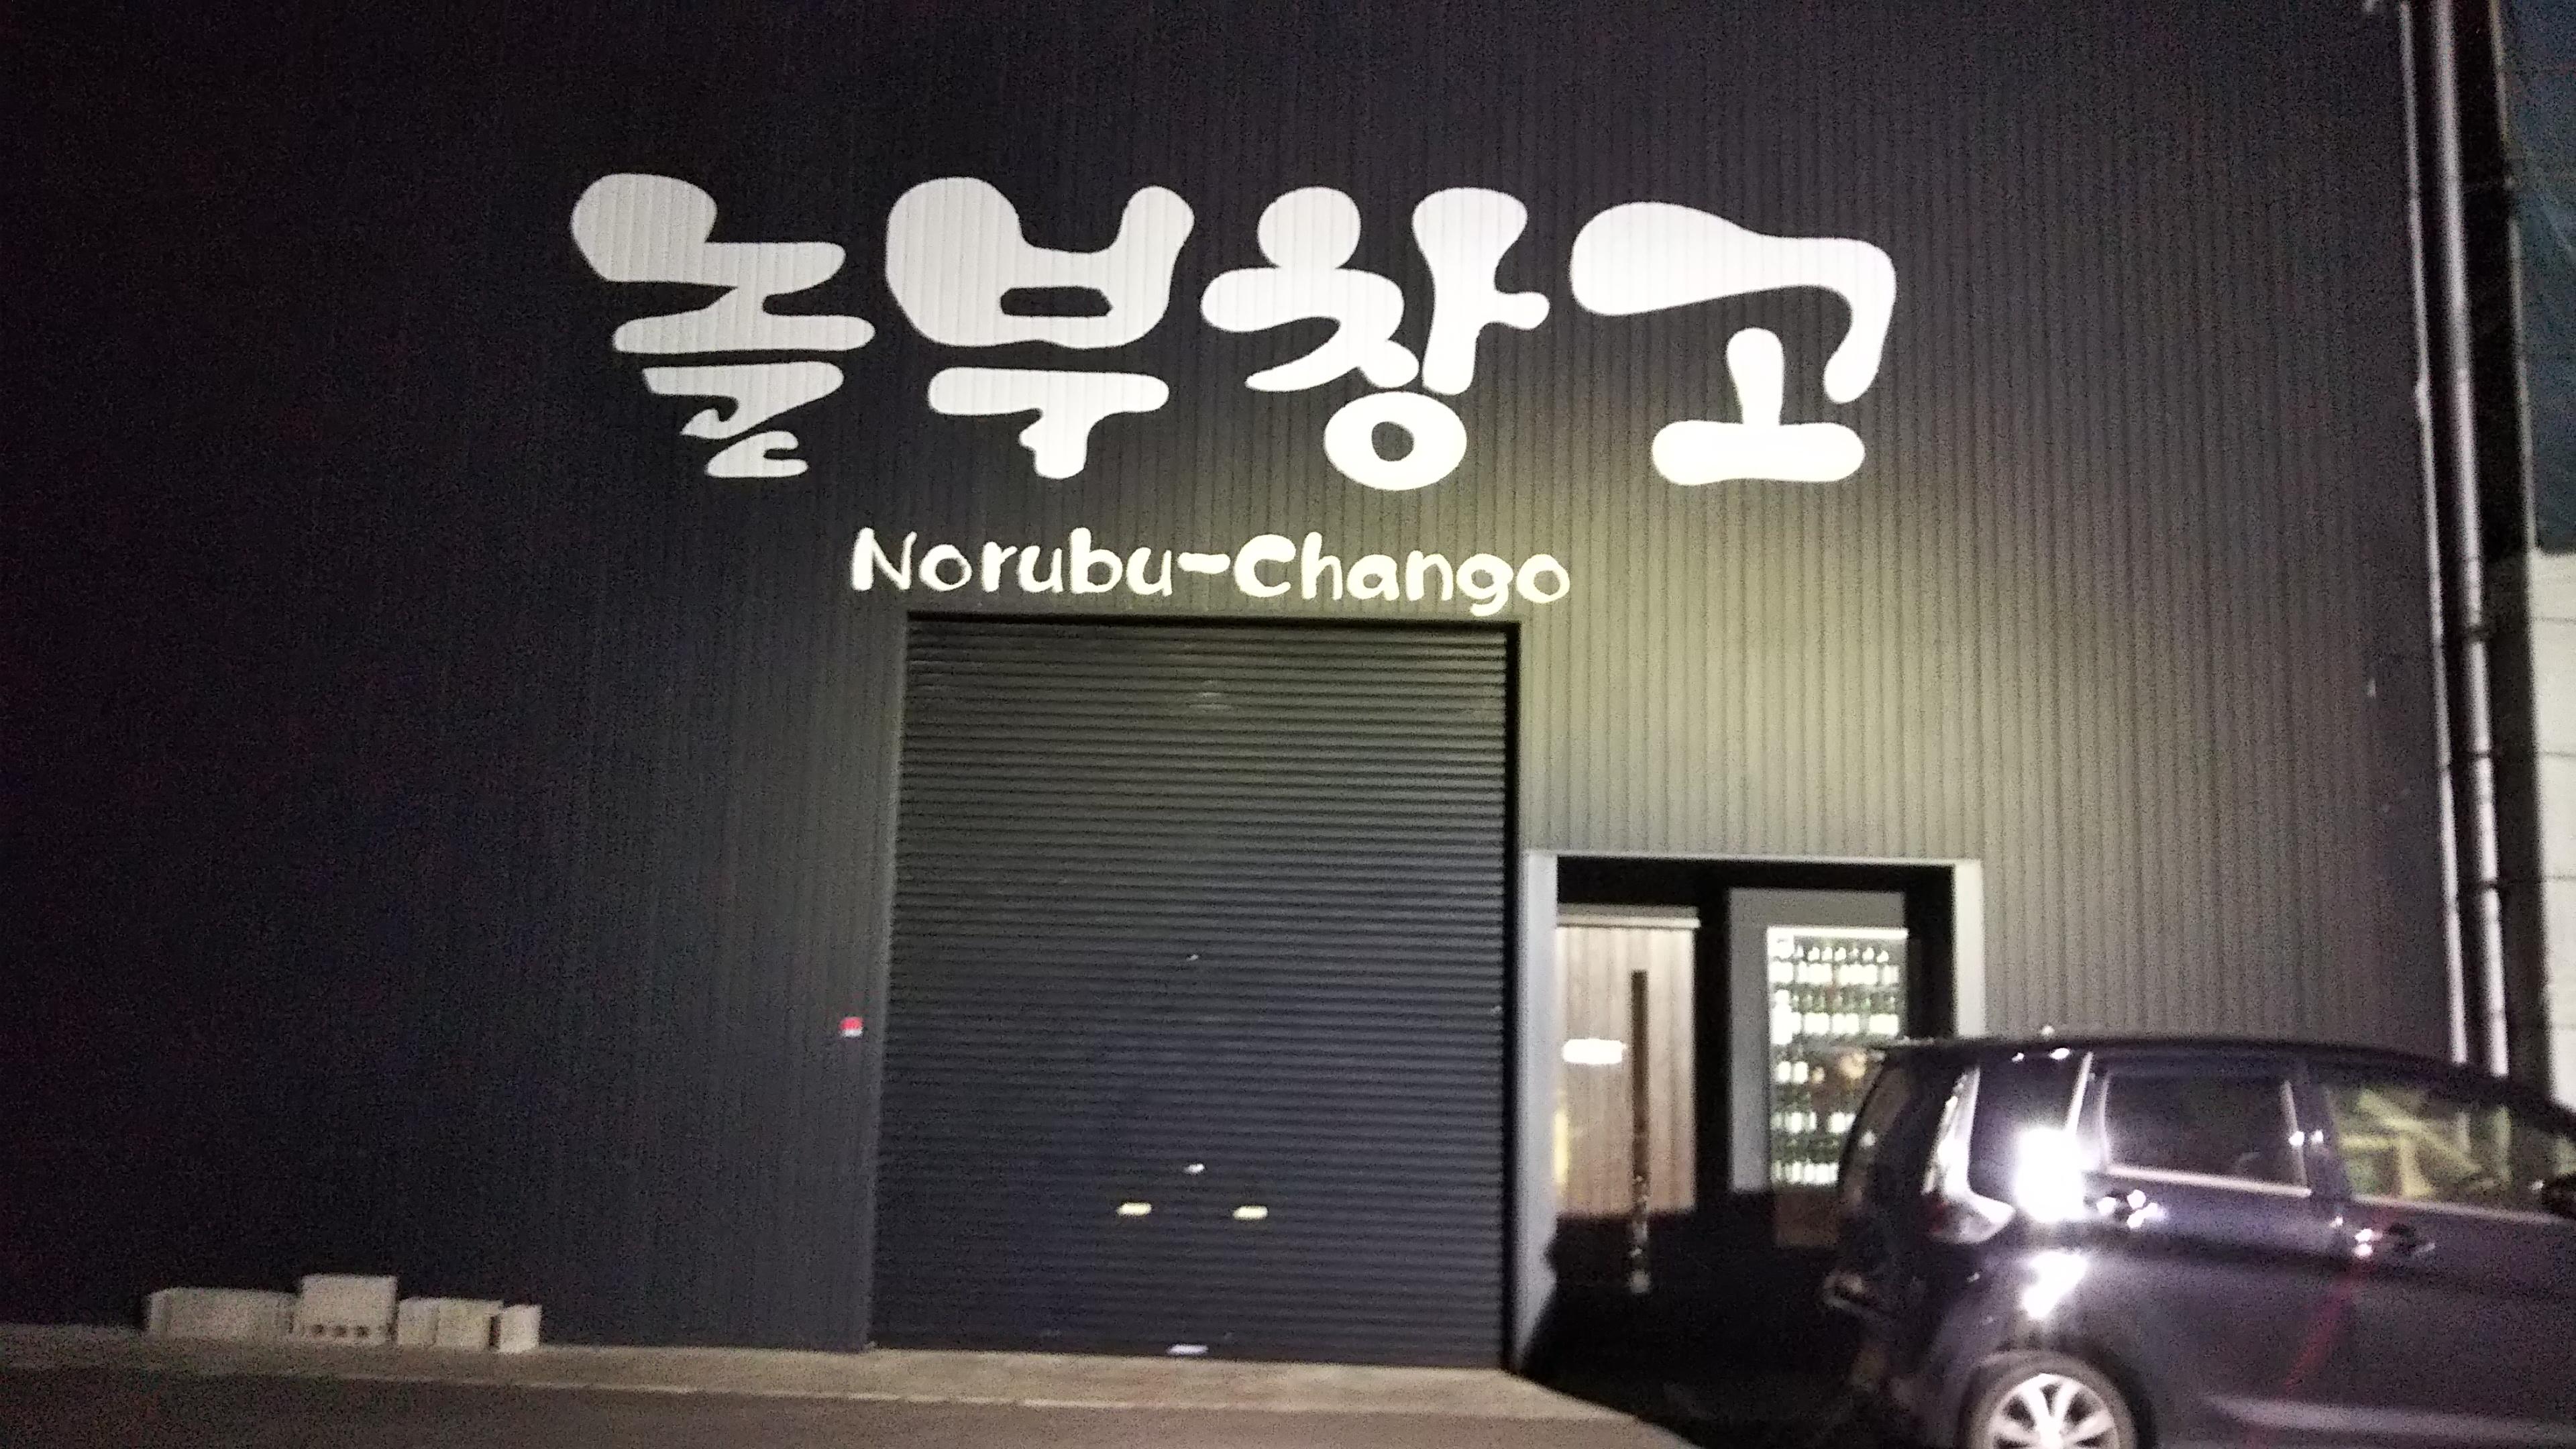 ノルブーチャンゴ サムギョプサルがおすすめの韓国料理店 宇多津町